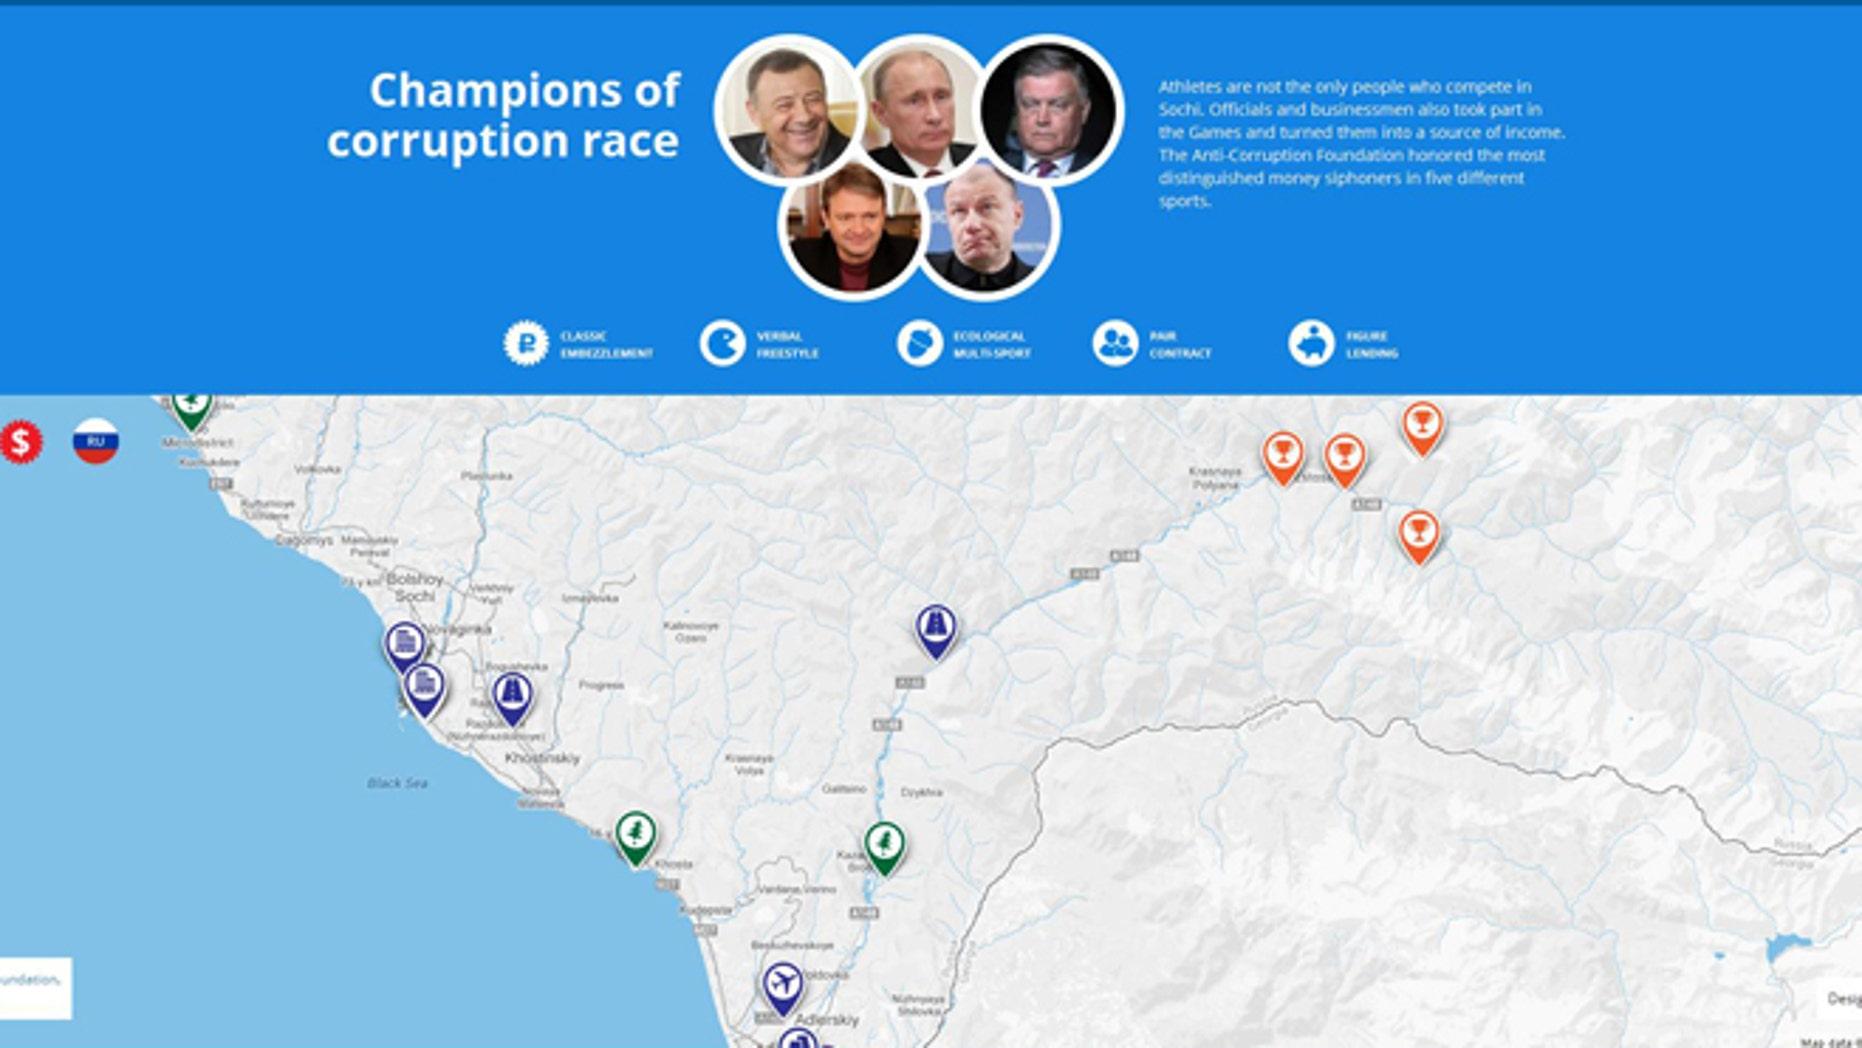 A screenshot of Sochi.FBK.info.